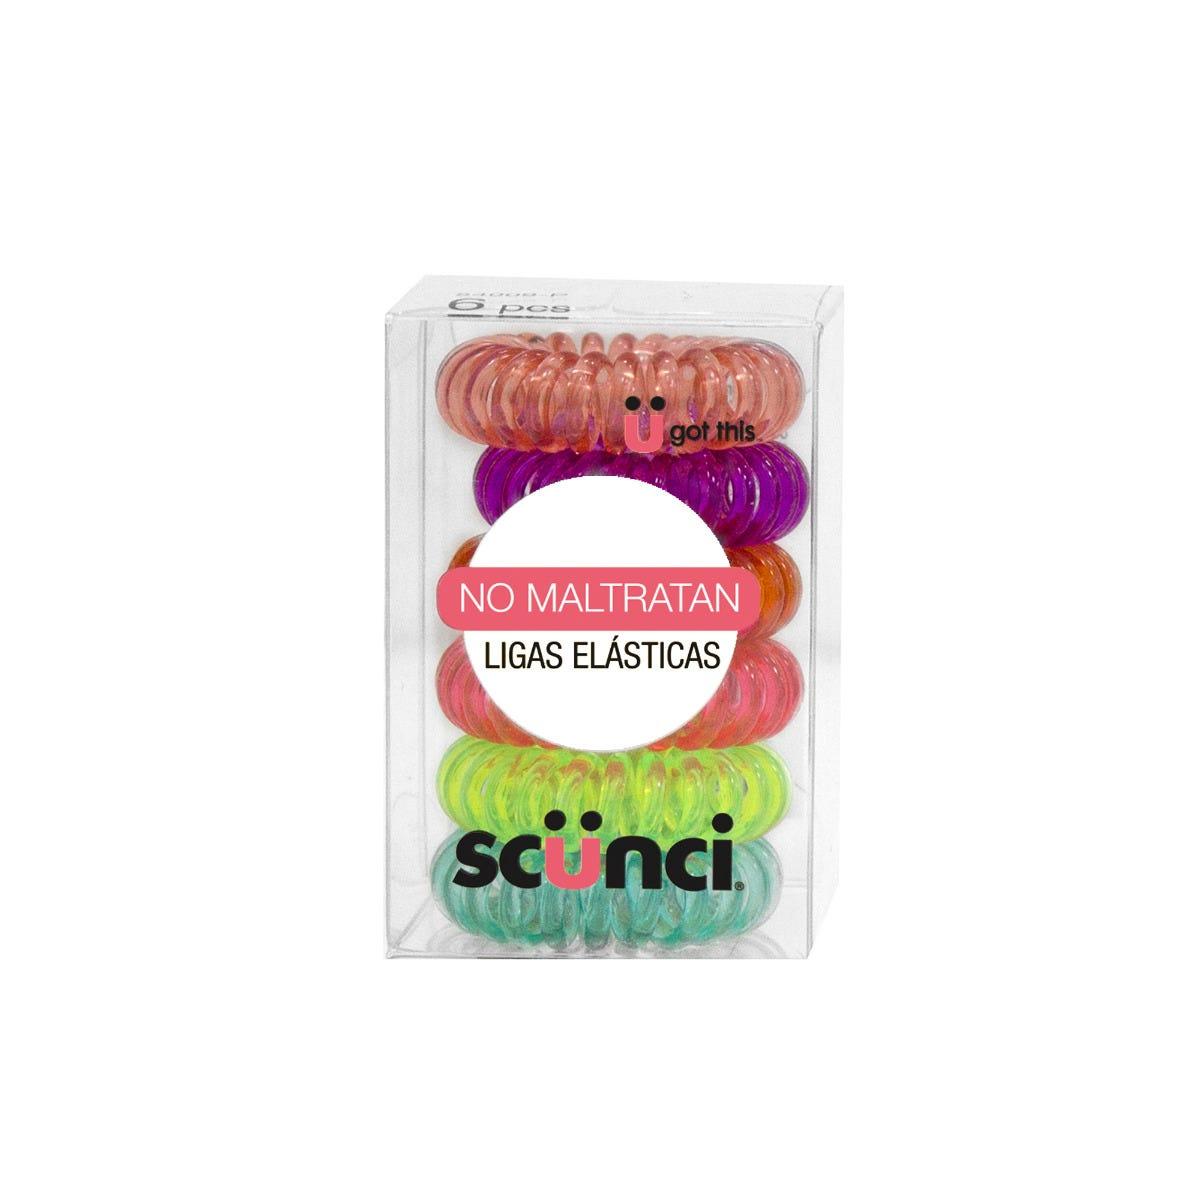 Ligas elásticas para cabello en espiral Conair® en neón, 6 piezas